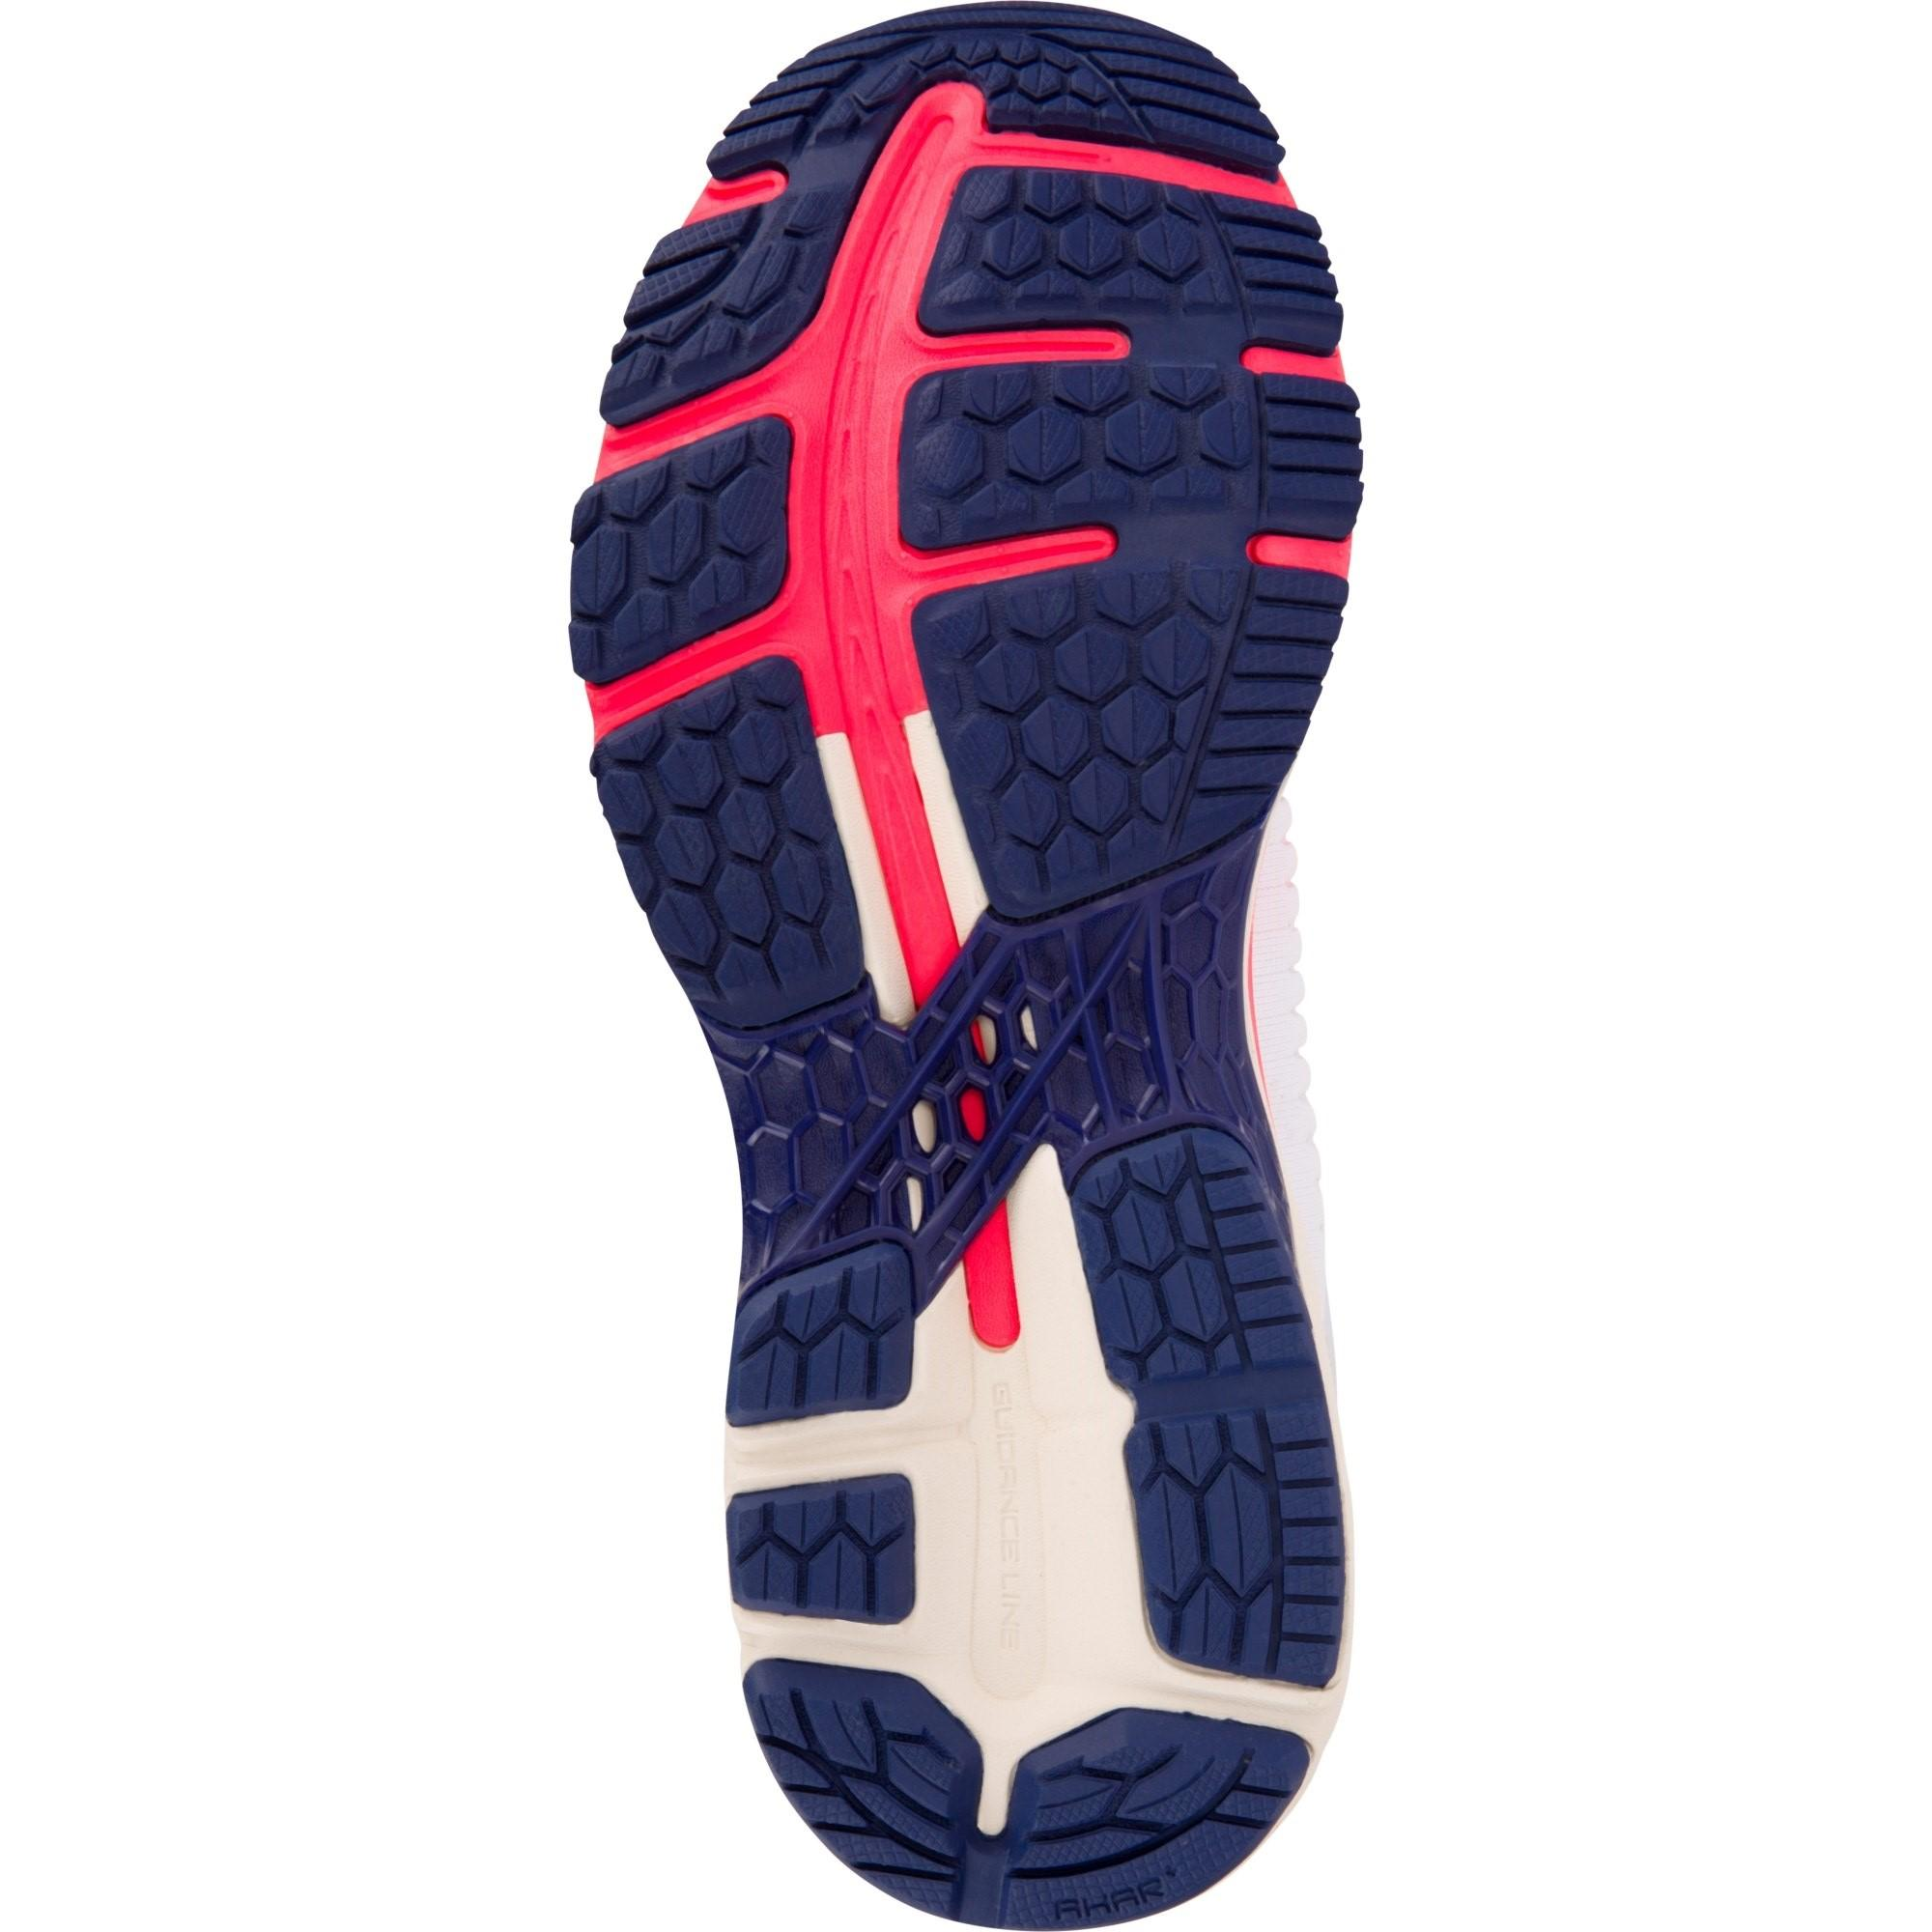 Asics Running Shoes Gel Kayano 25 Women whitepinkblue